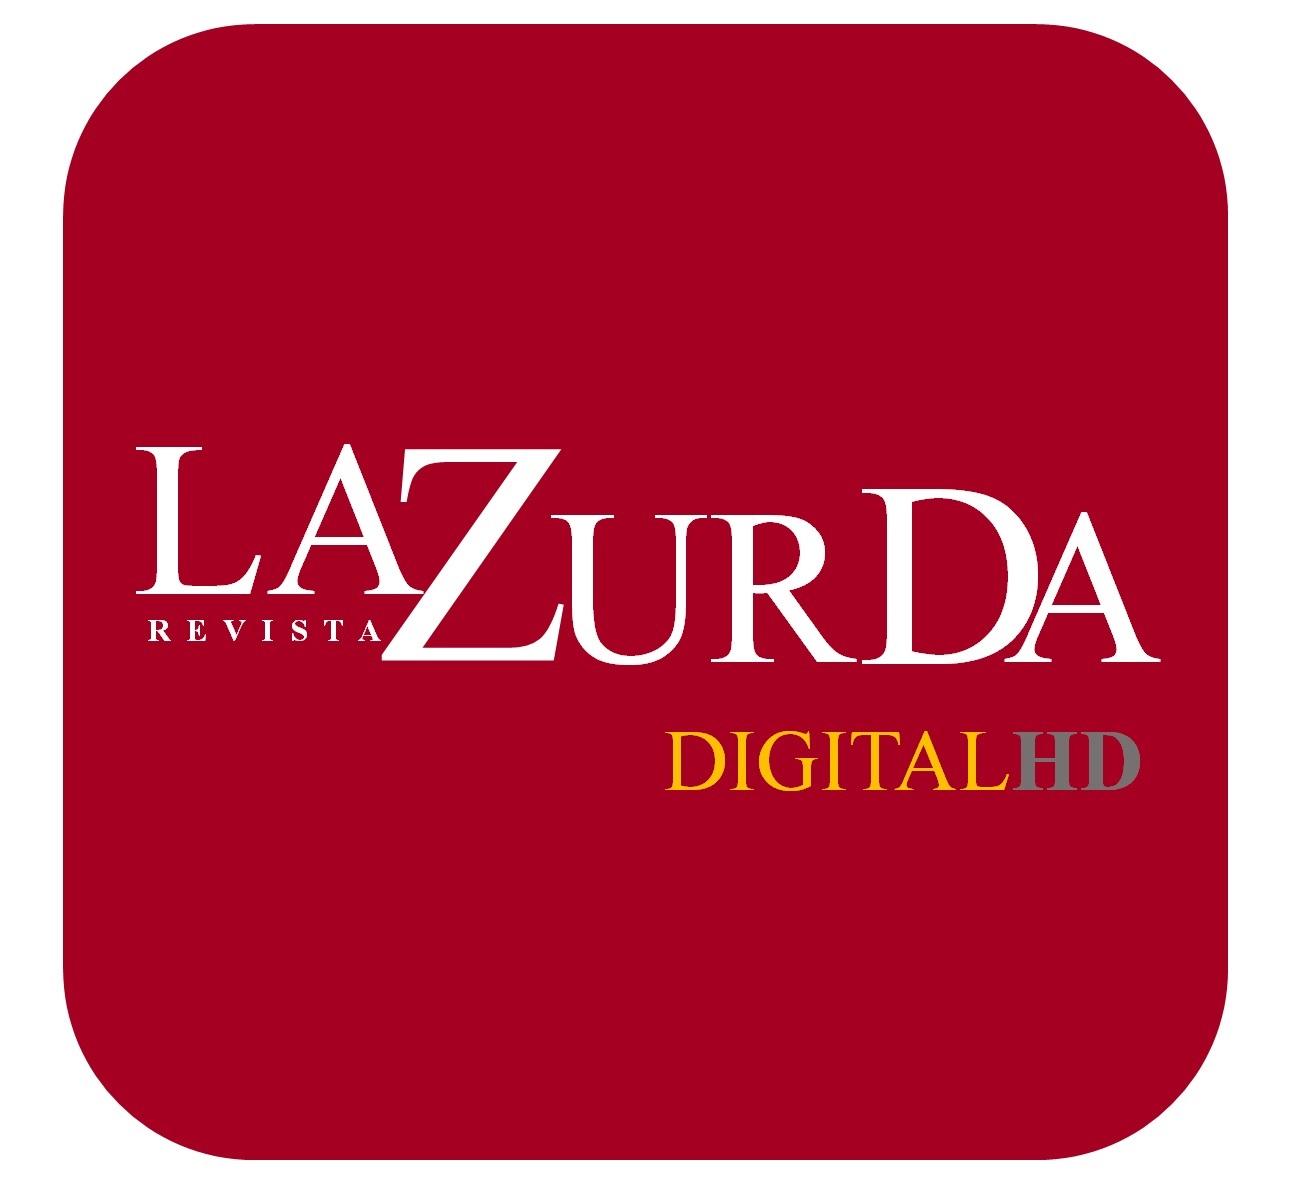 Ahora LaZurDA DigitaHD